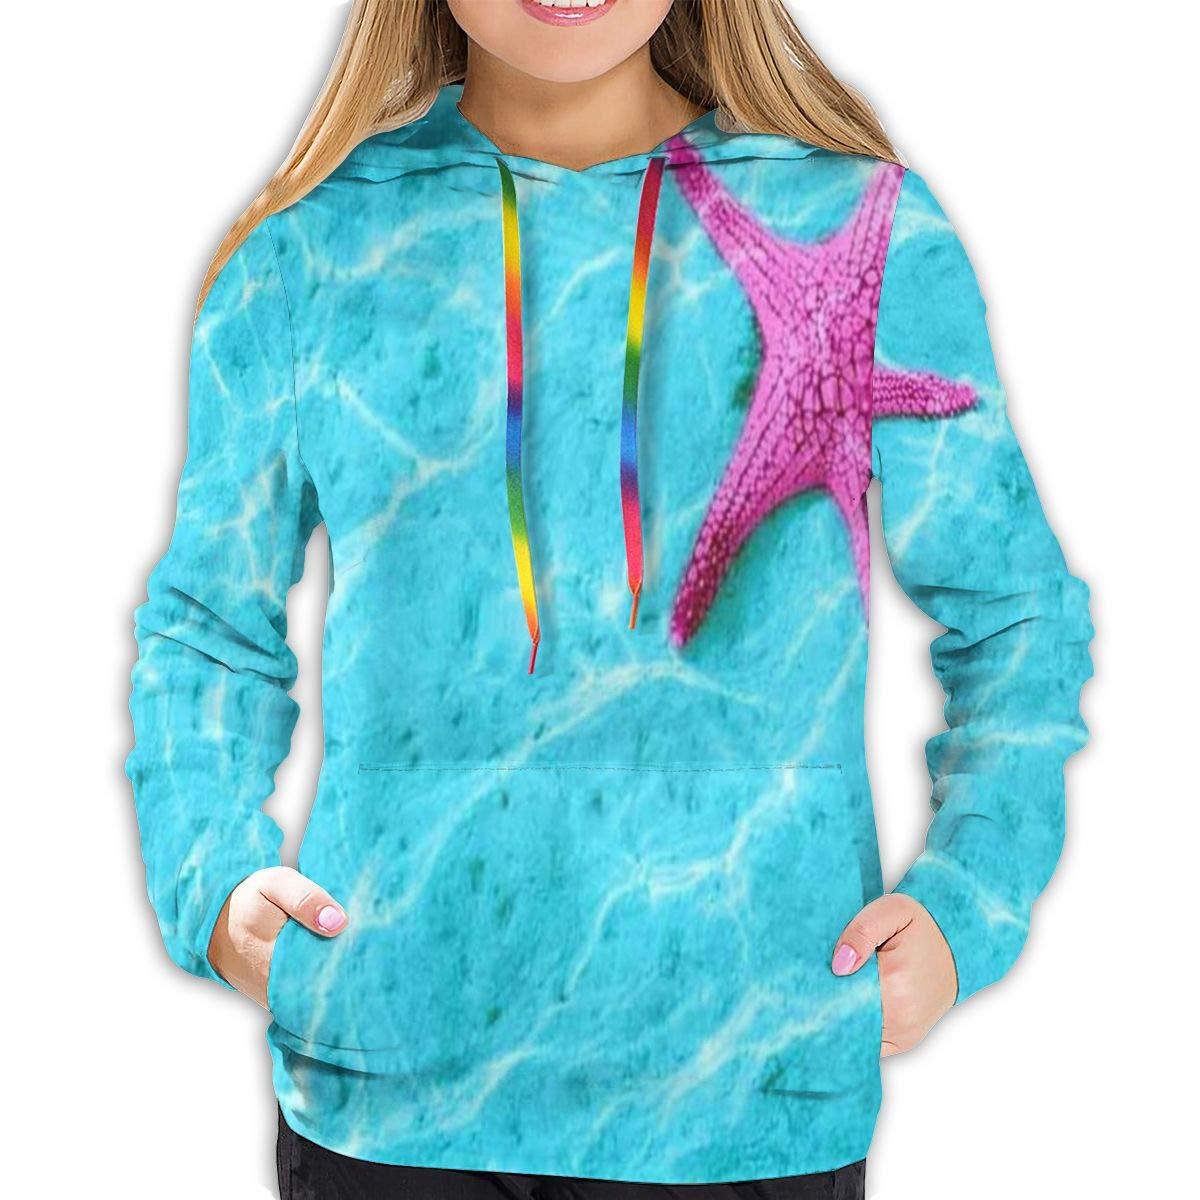 Brown Leopard Print Women's Fashion Pullover Hoodie Adult Hooded Sweatshirt Pocket Ladies